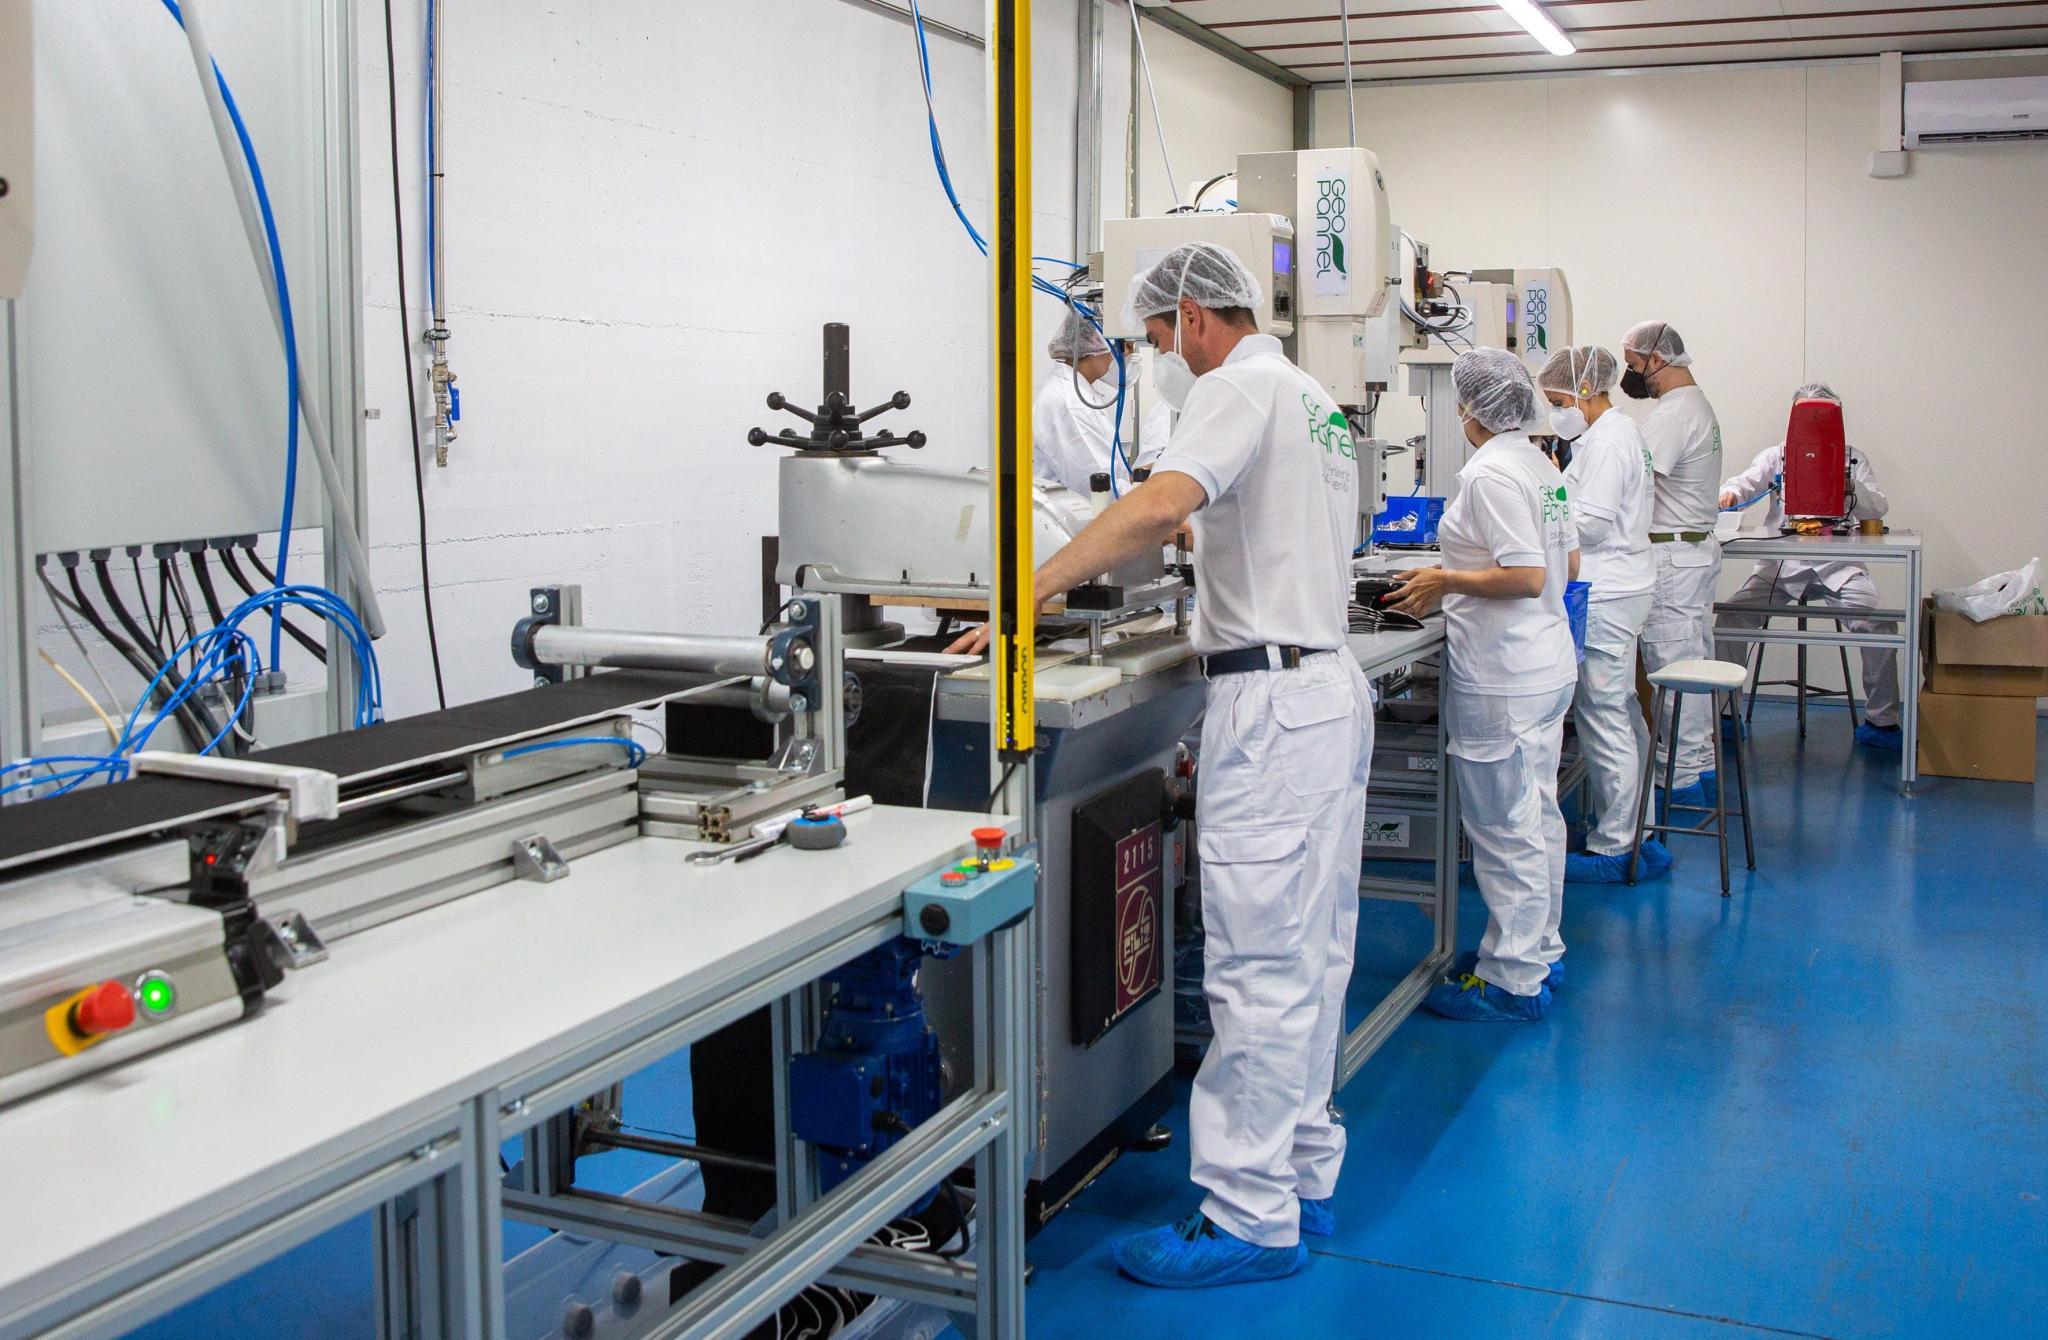 Una empresa riojana trabaja en una mascarillas que neutralicen la COVID-19